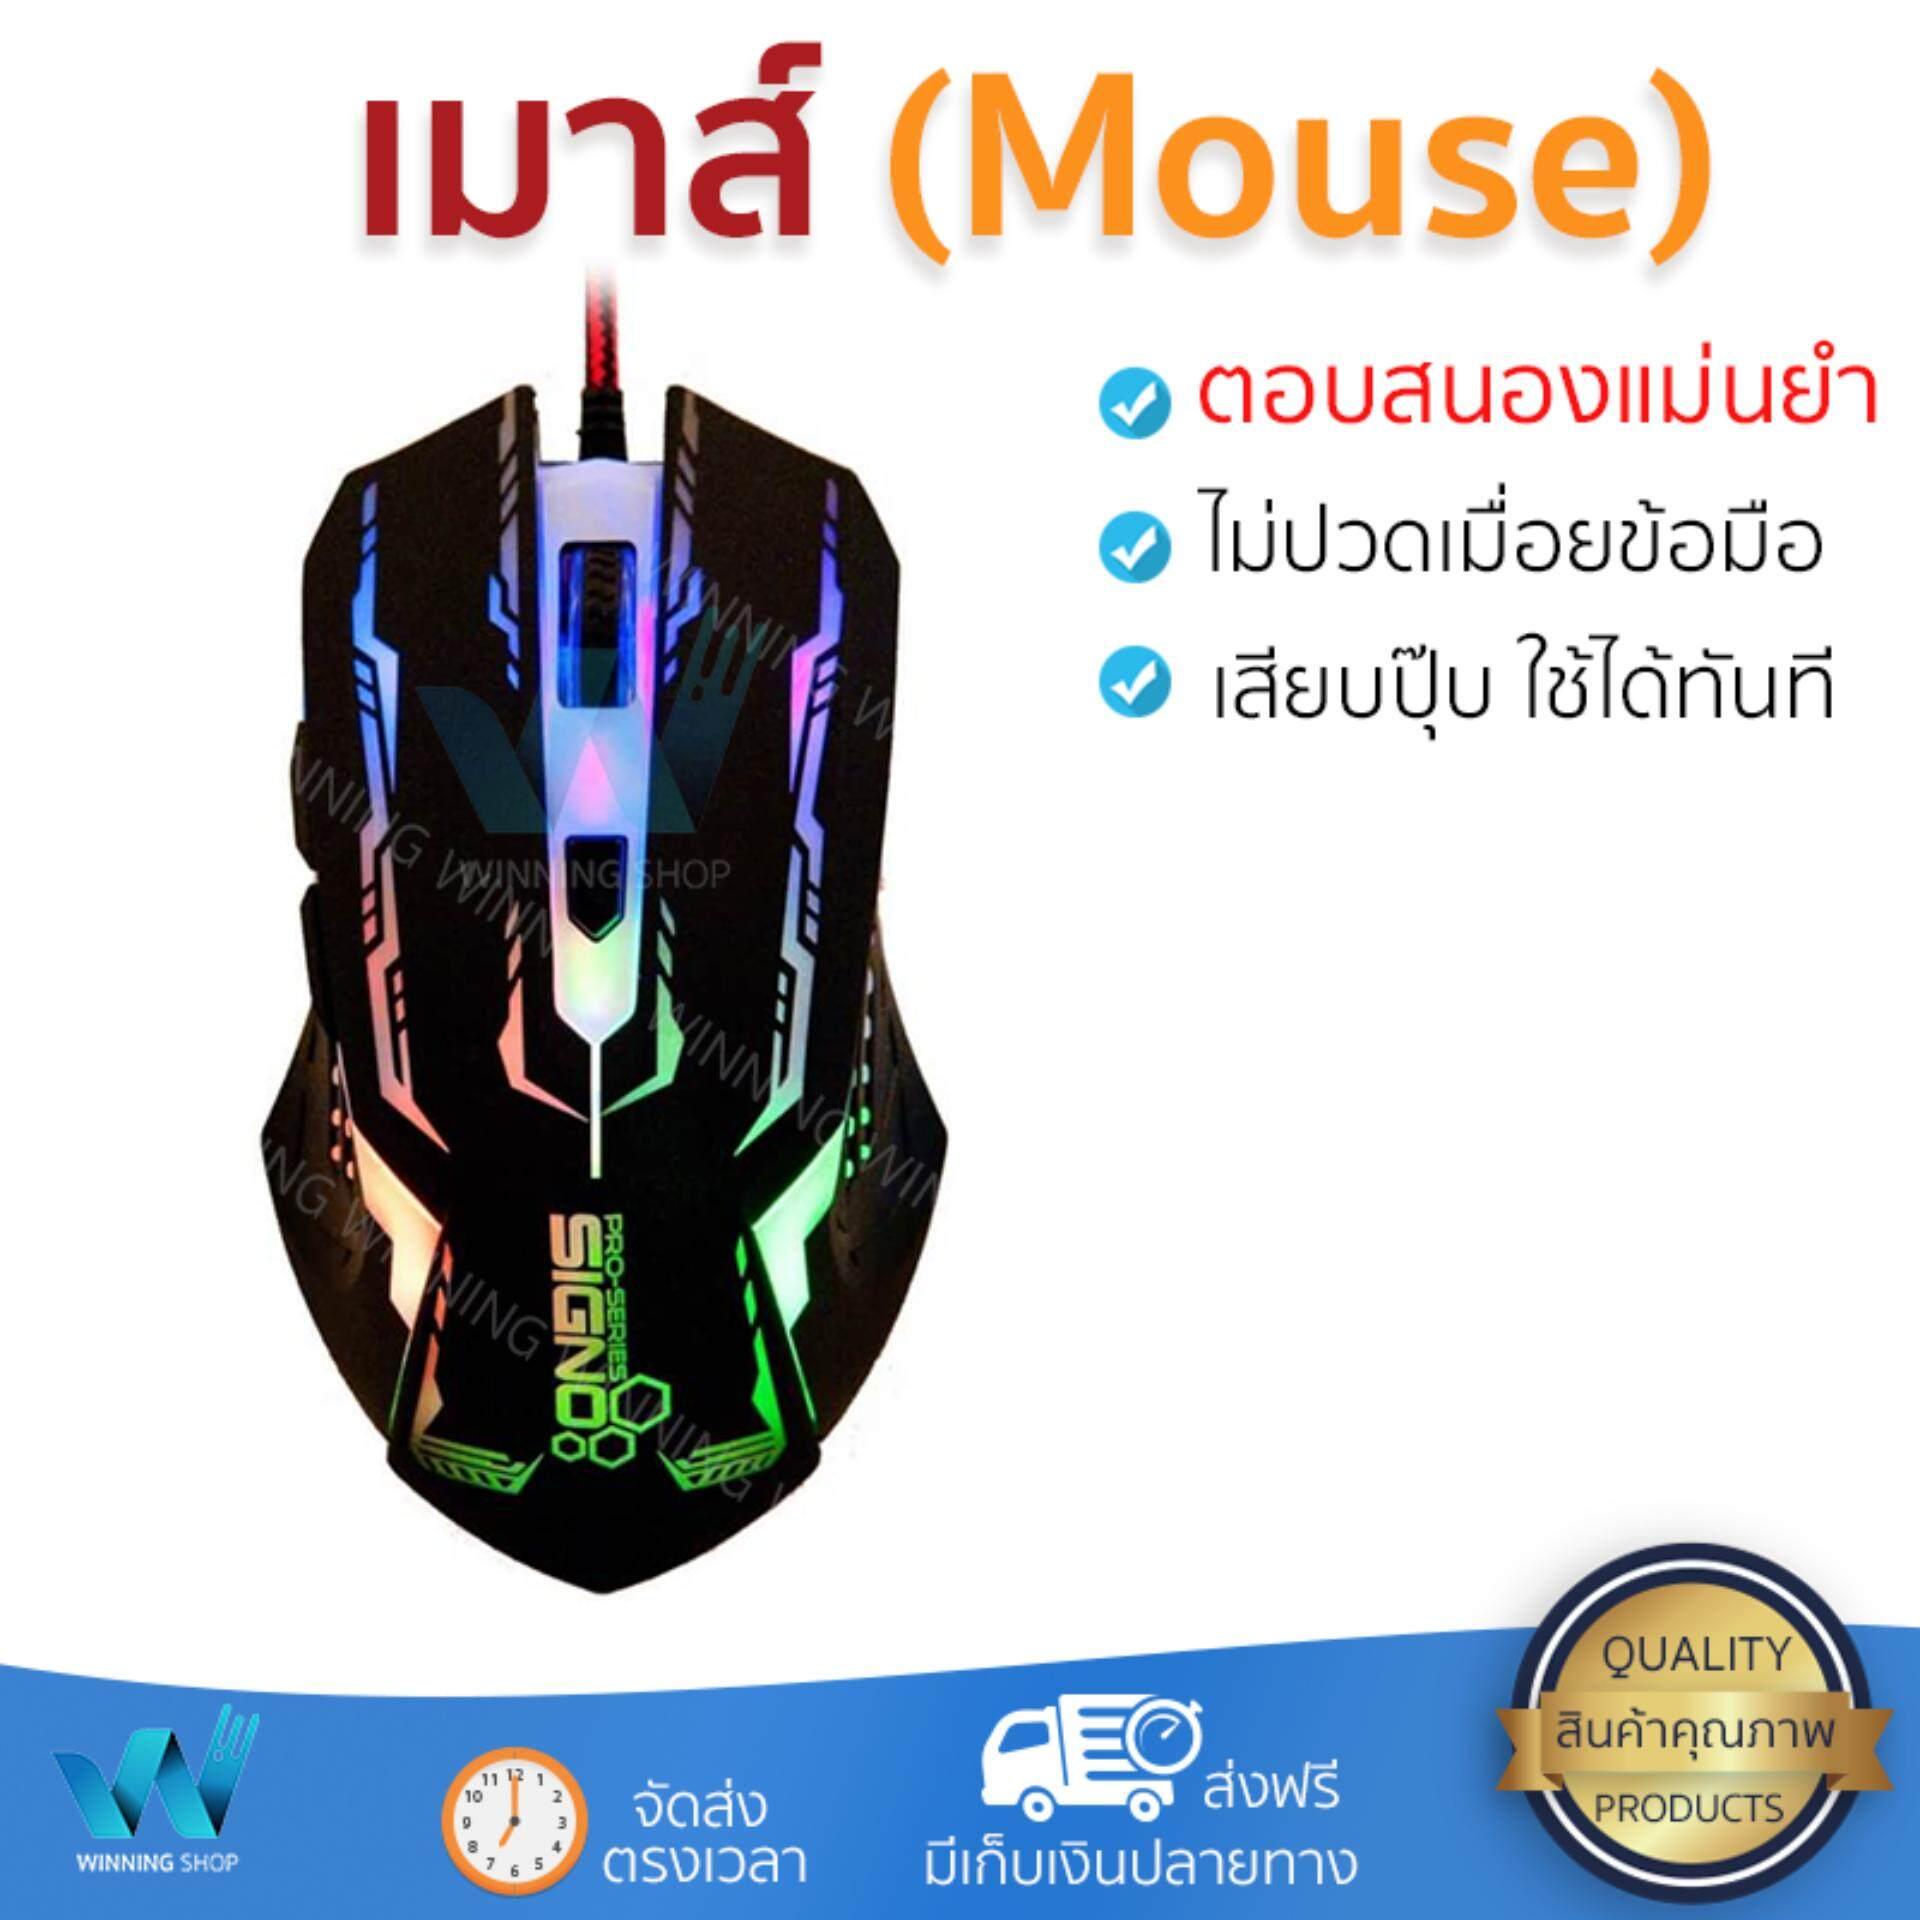 ลดสุดๆ รุ่นใหม่ล่าสุด เมาส์           SIGNO เมาส์เกมมิ่ง (สีดำ) รุ่น GM-910             เซนเซอร์คุณภาพสูง ทำงานได้ลื่นไหล ไม่มีสะดุด Computer Mouse  รับประกันสินค้า 1 ปี จัดส่งฟรี Kerry ทั่วประเทศ